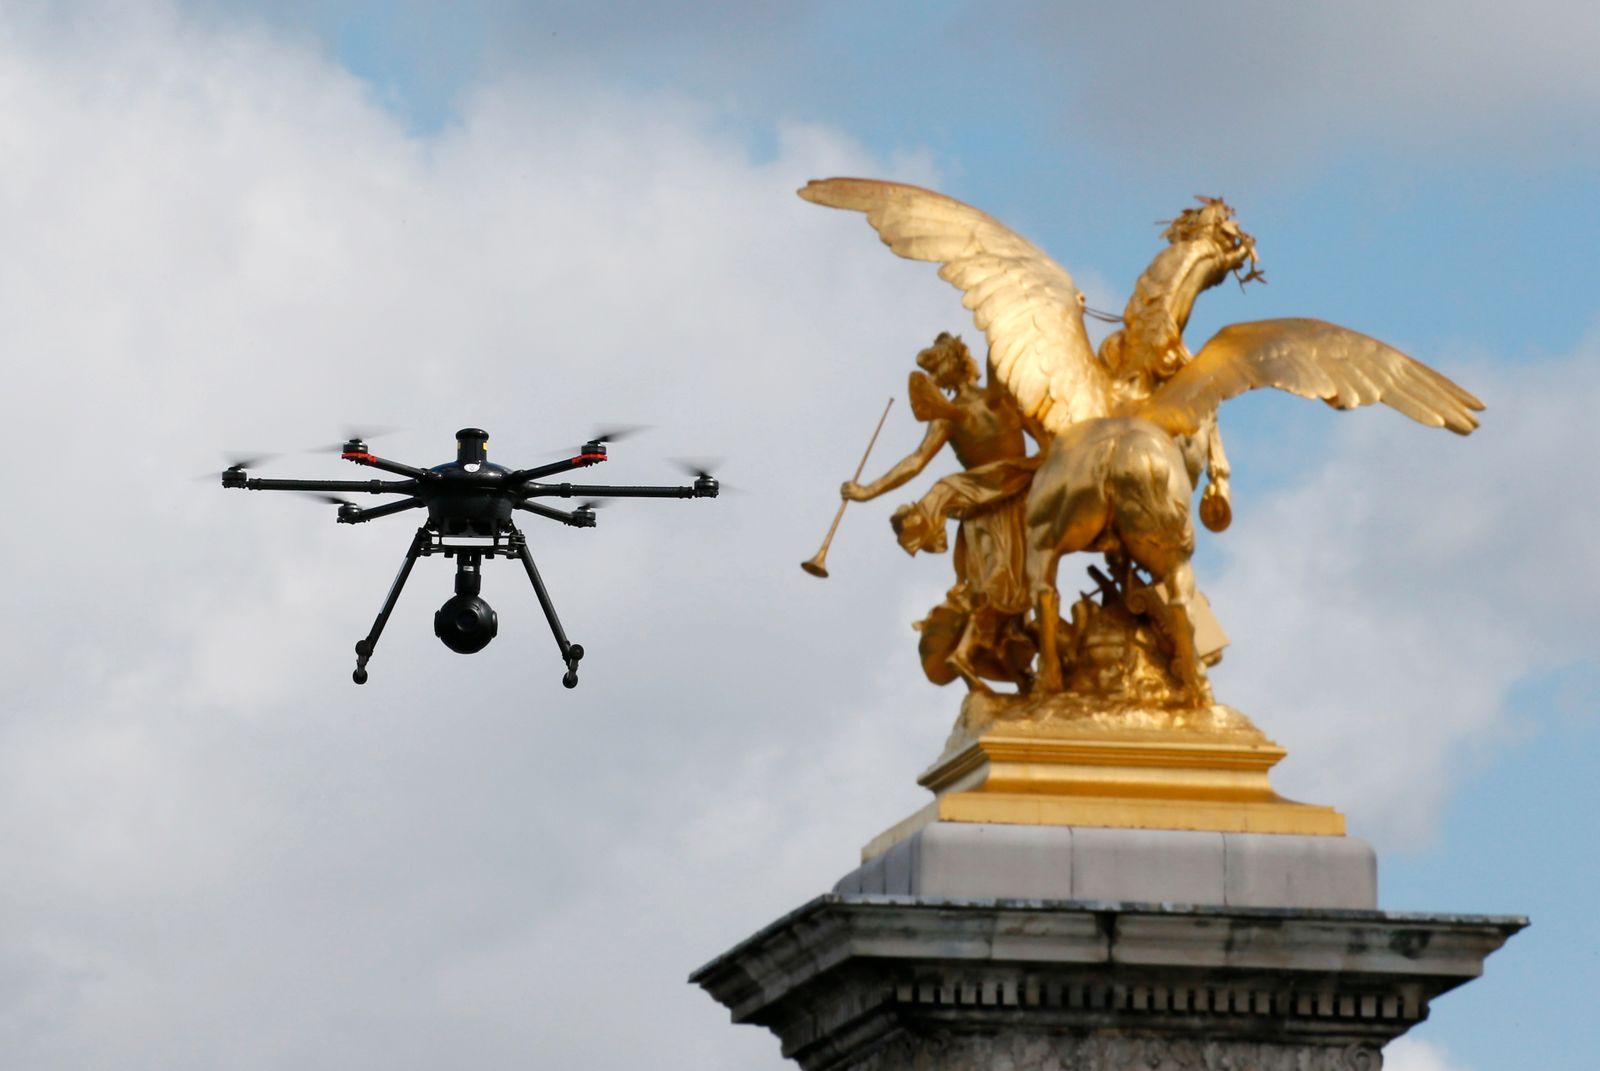 Paris Drohne /drone